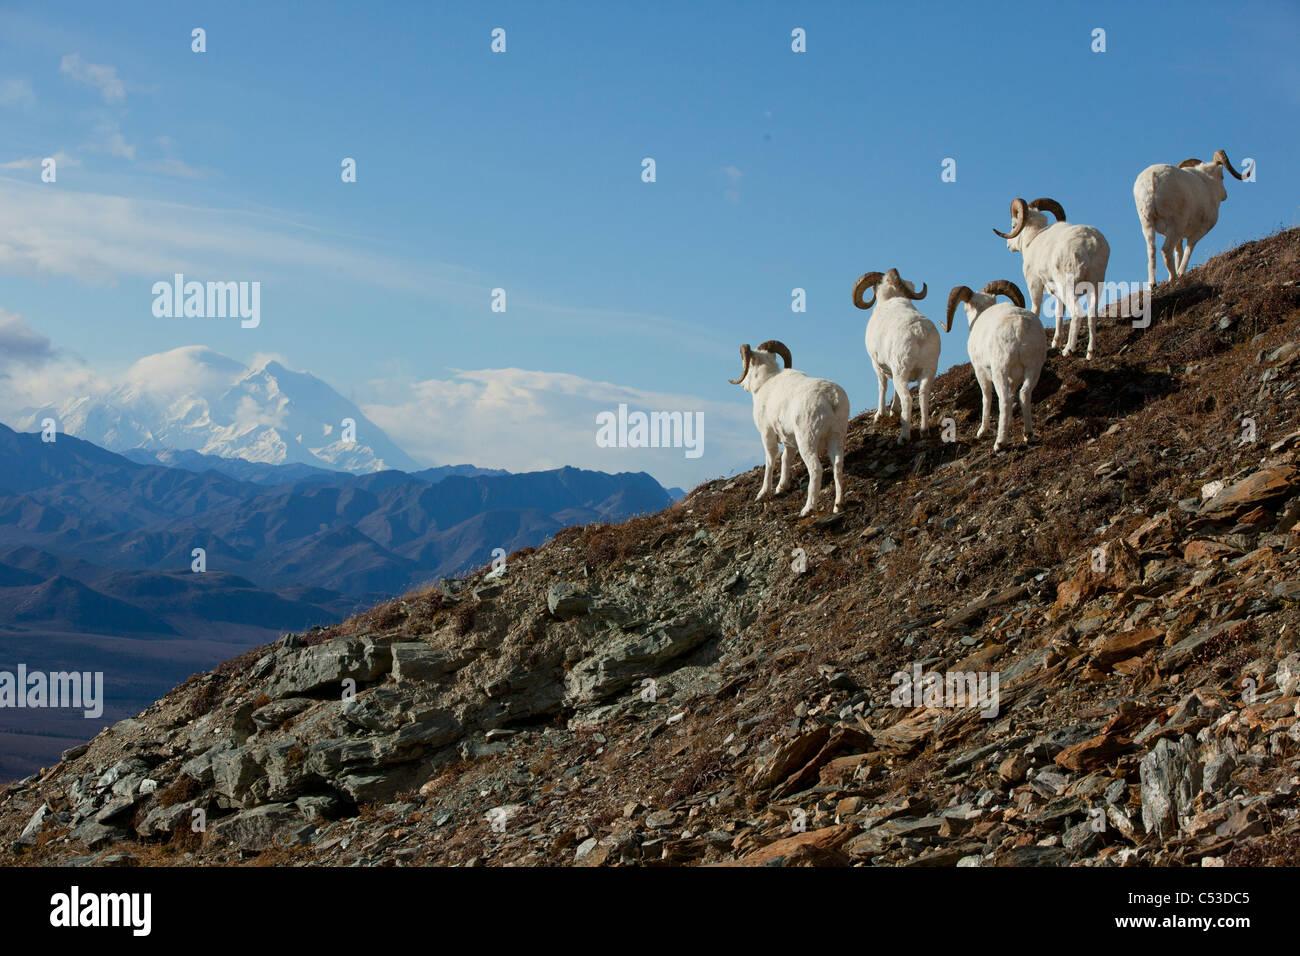 Una banda di dallâ pecore arieti stand su di un colle roccioso e guardare verso Mt. McKinley in background, Immagini Stock